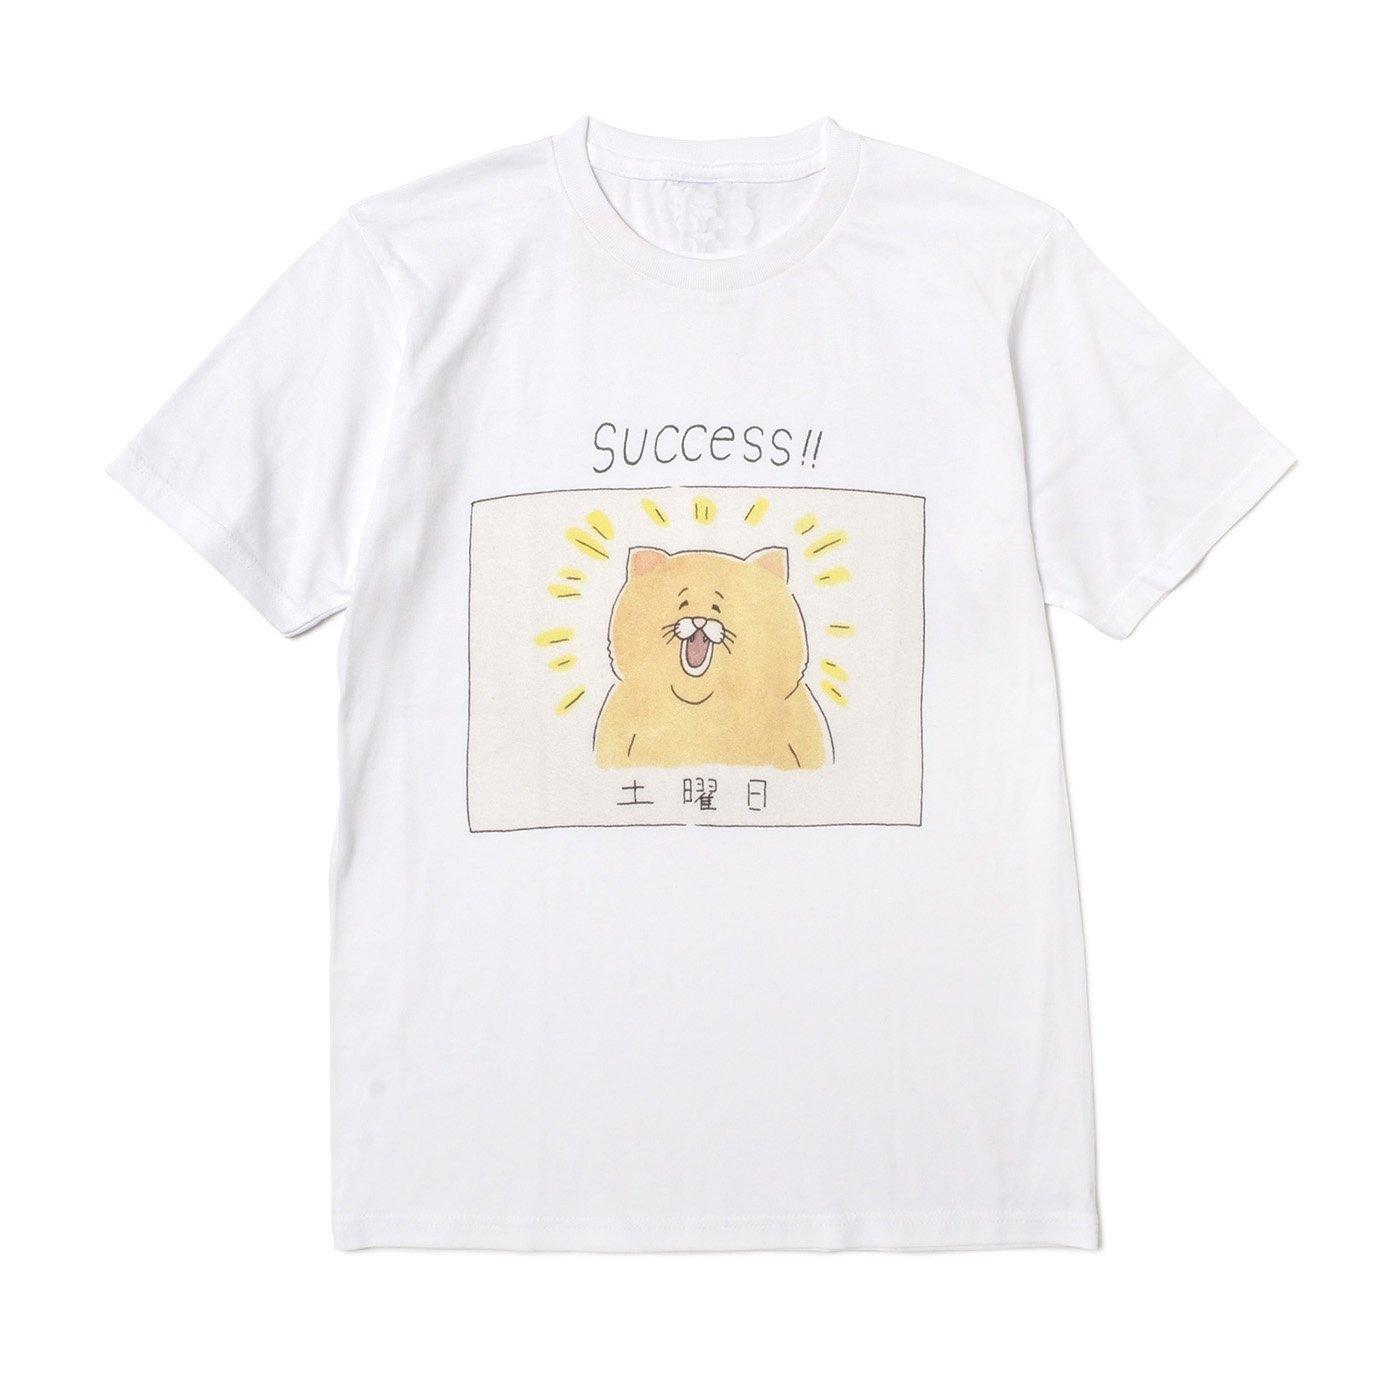 ネコノヒー 4コマ漫画「日」Tシャツの会